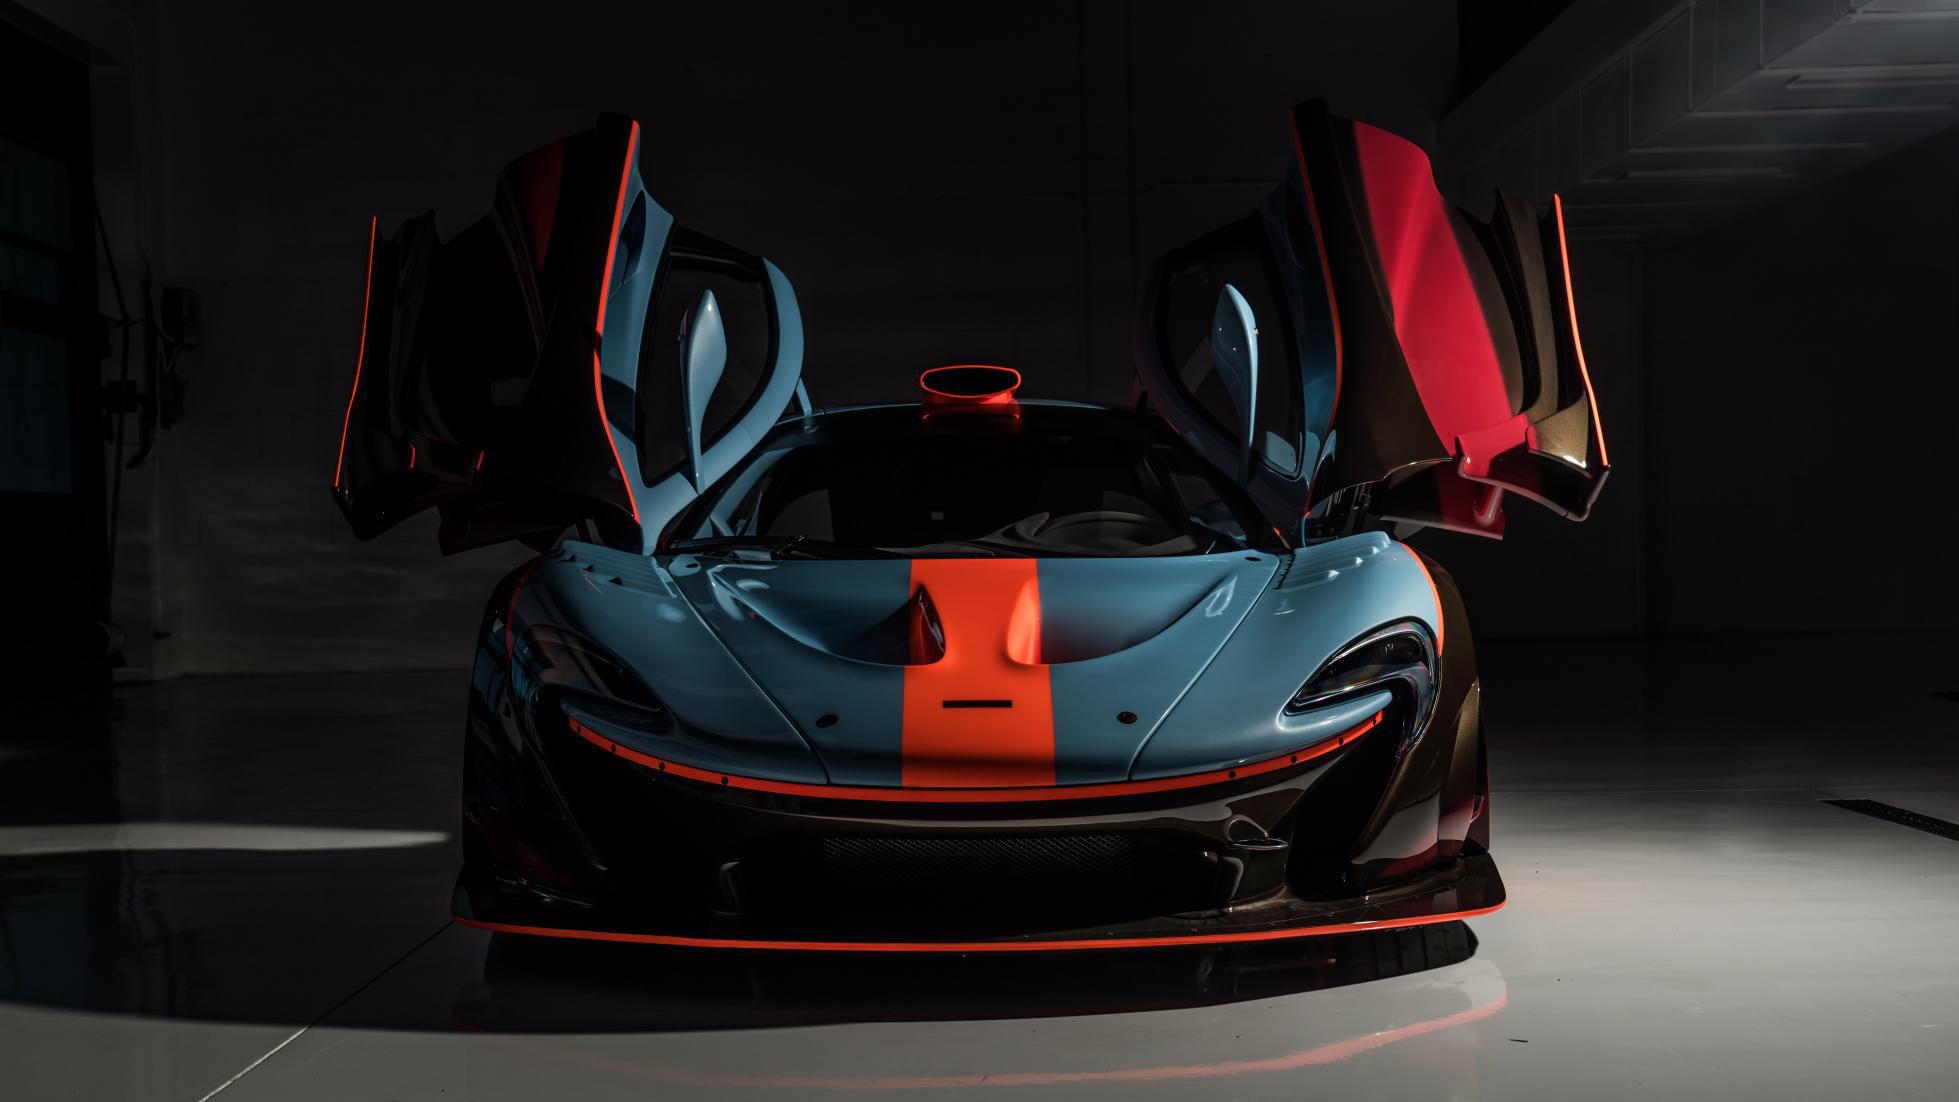 McLaren-P1-GTR-18-by-Lanzante-19